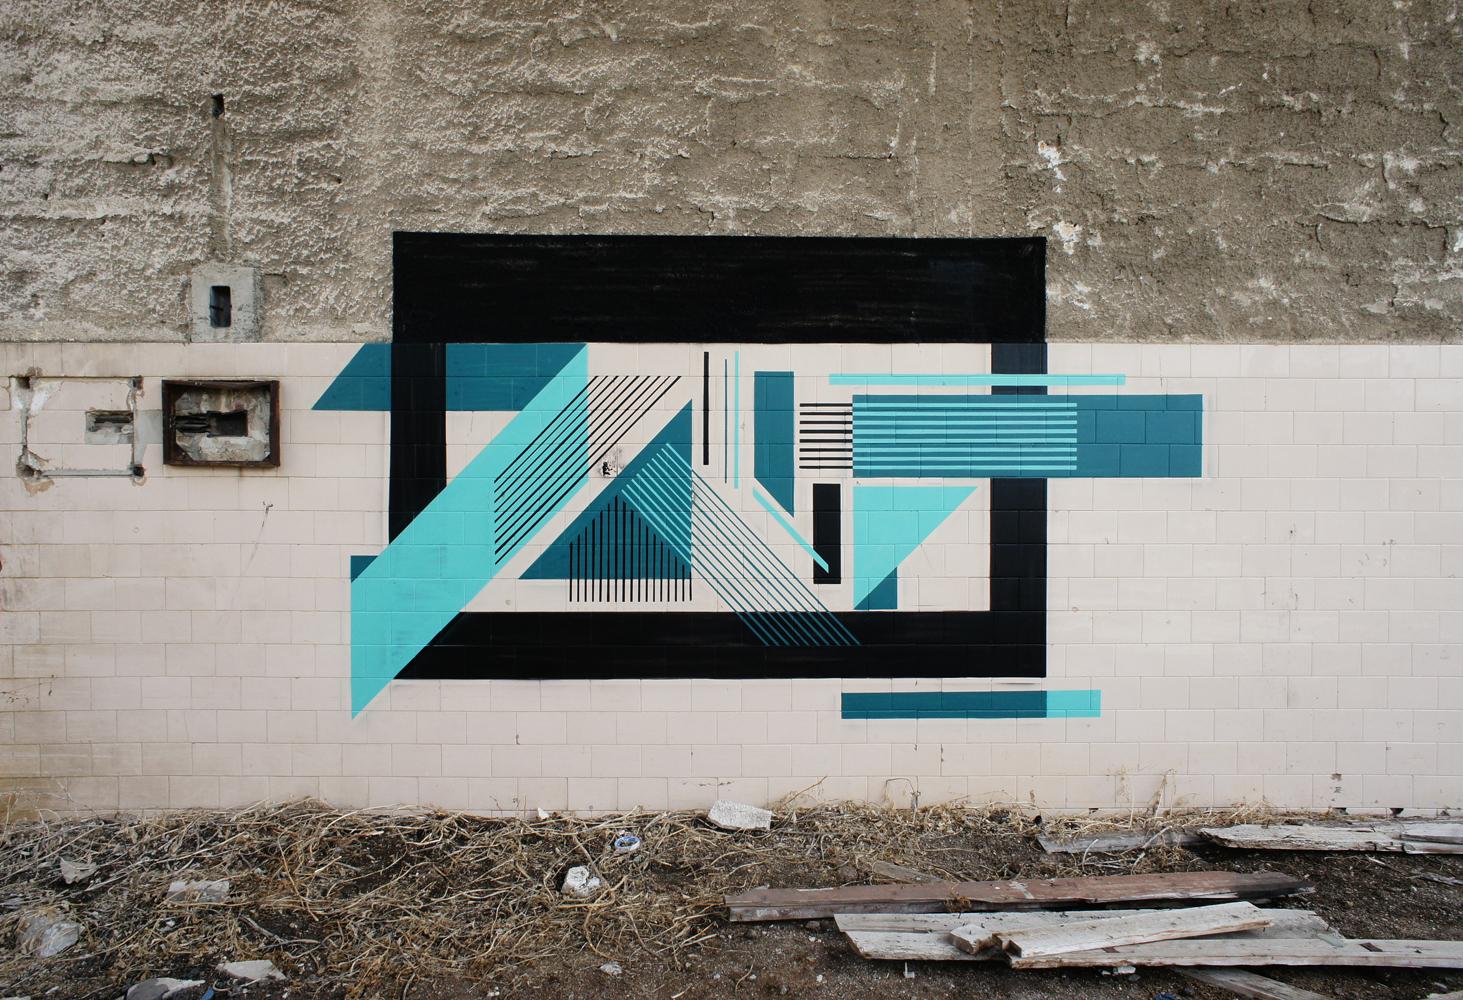 Seikon - New Mural in Palermo